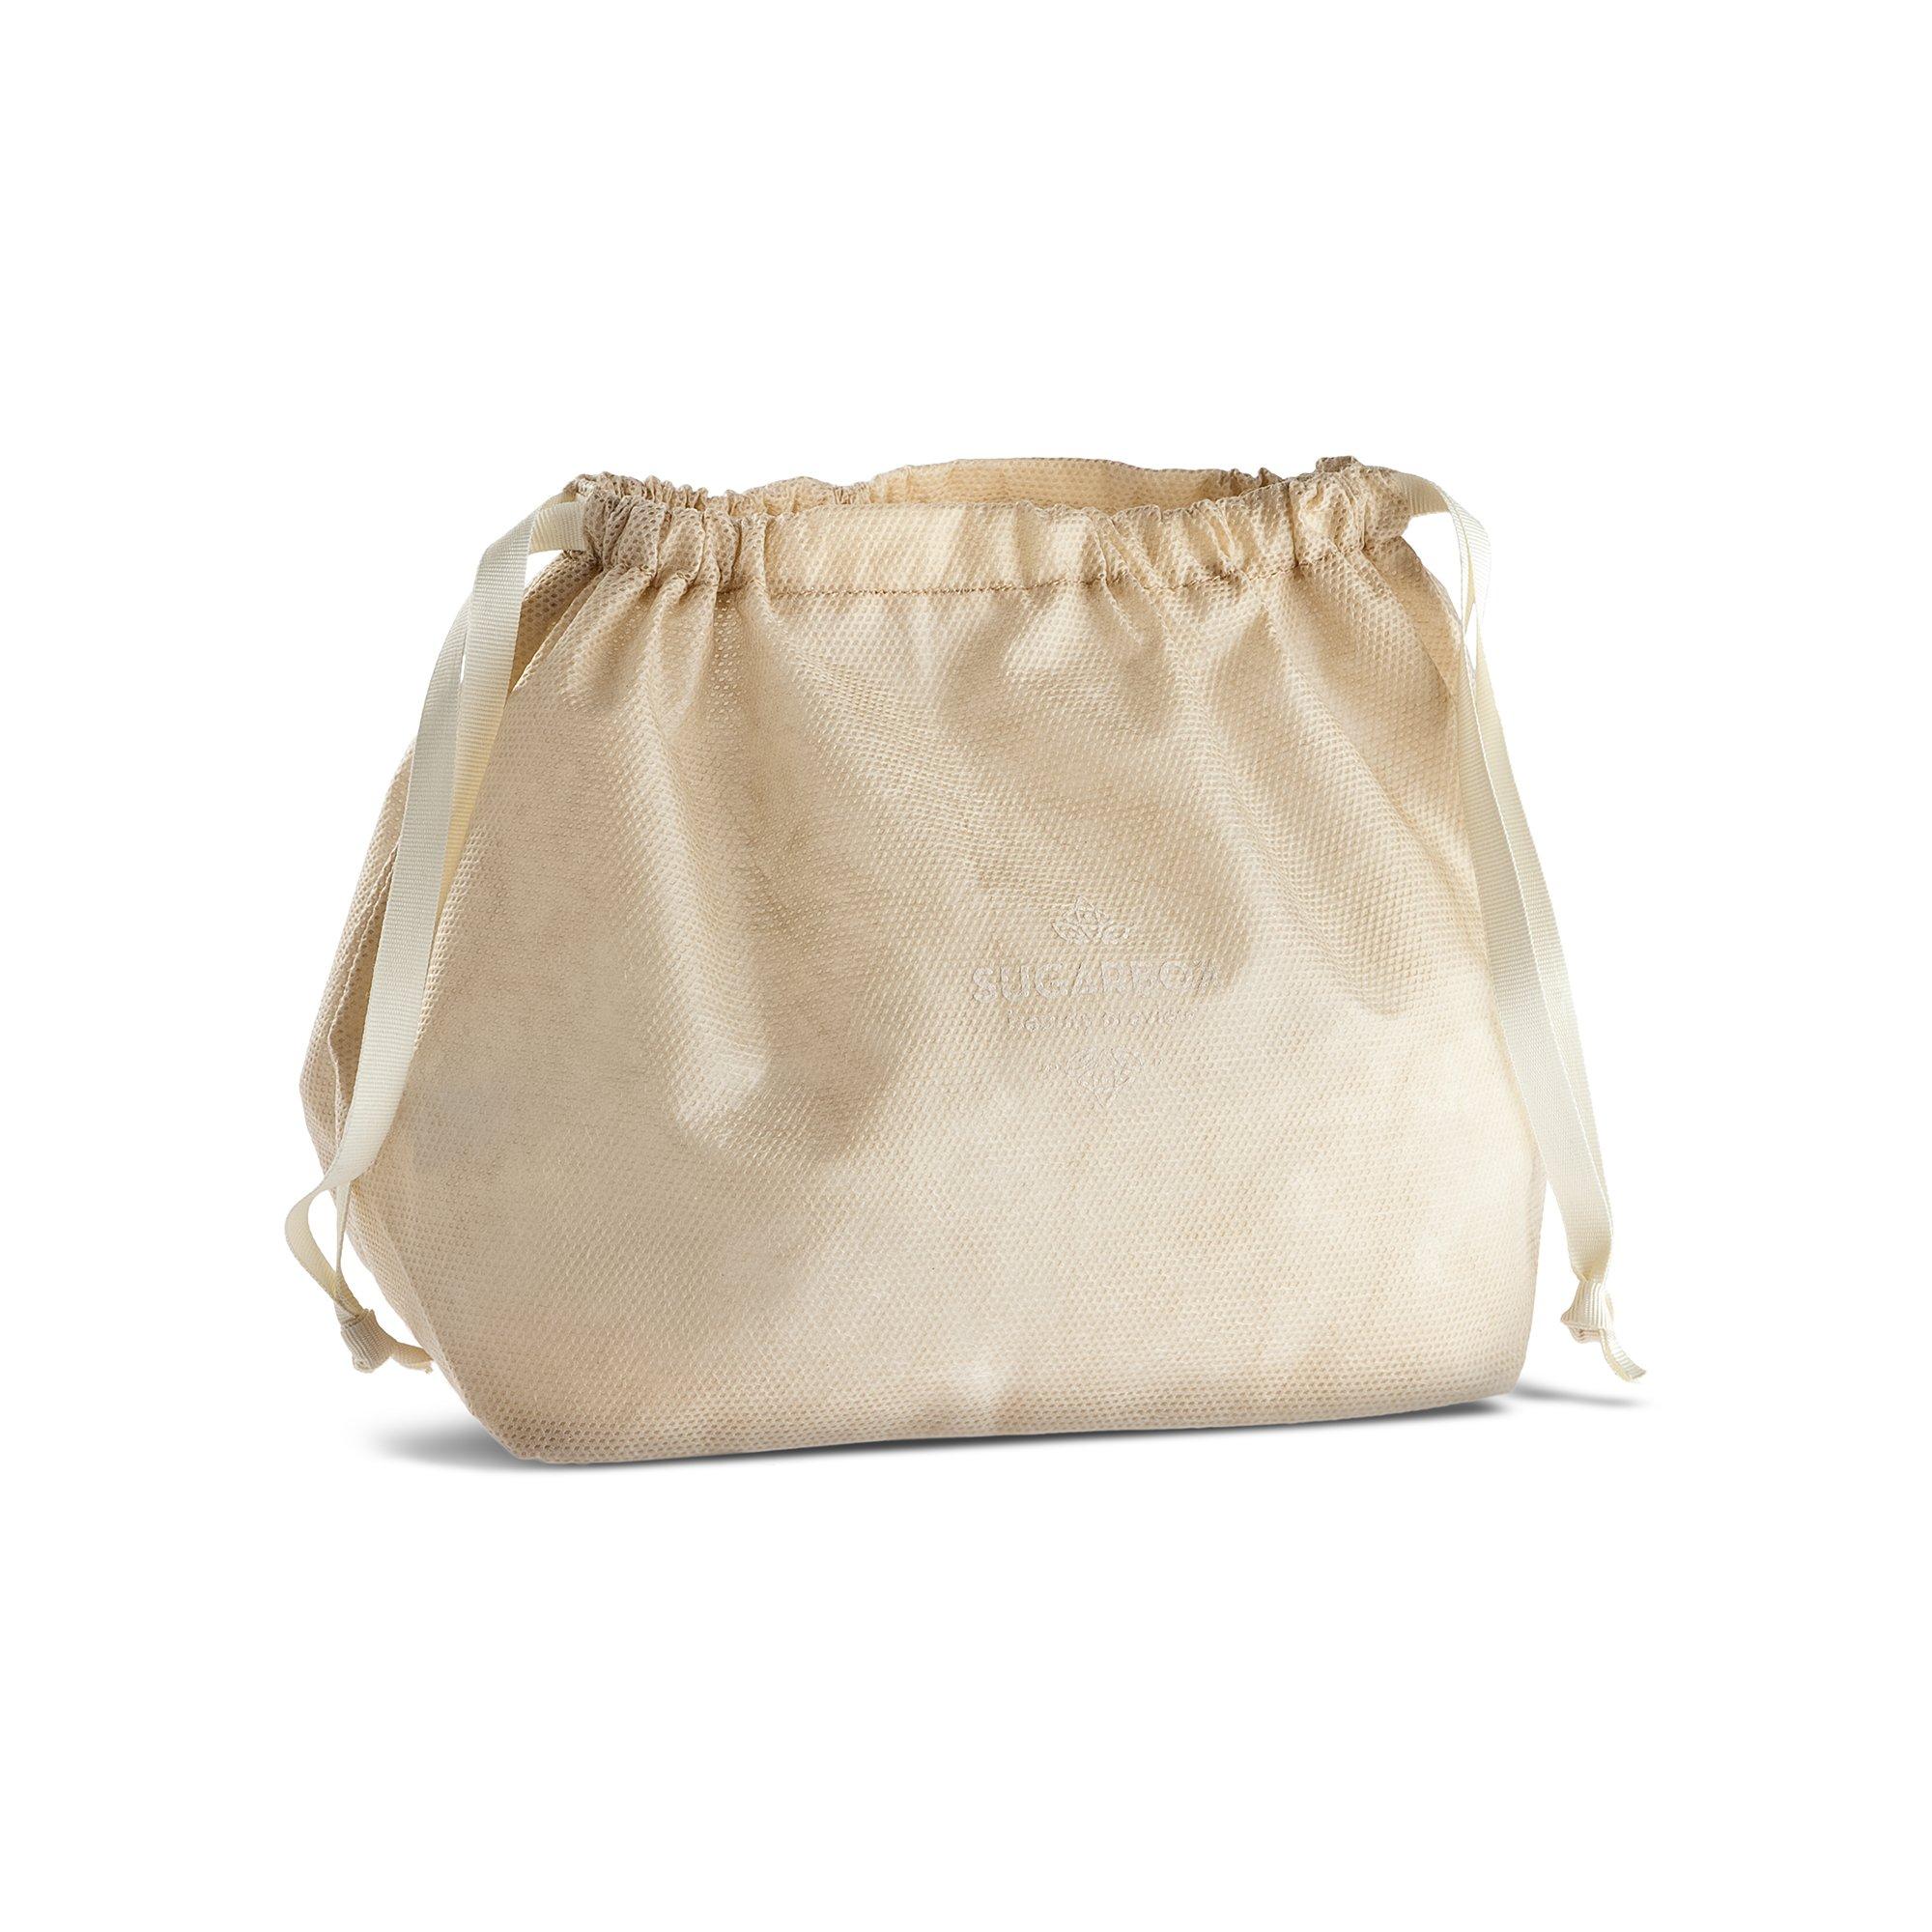 Linea BAG image 1